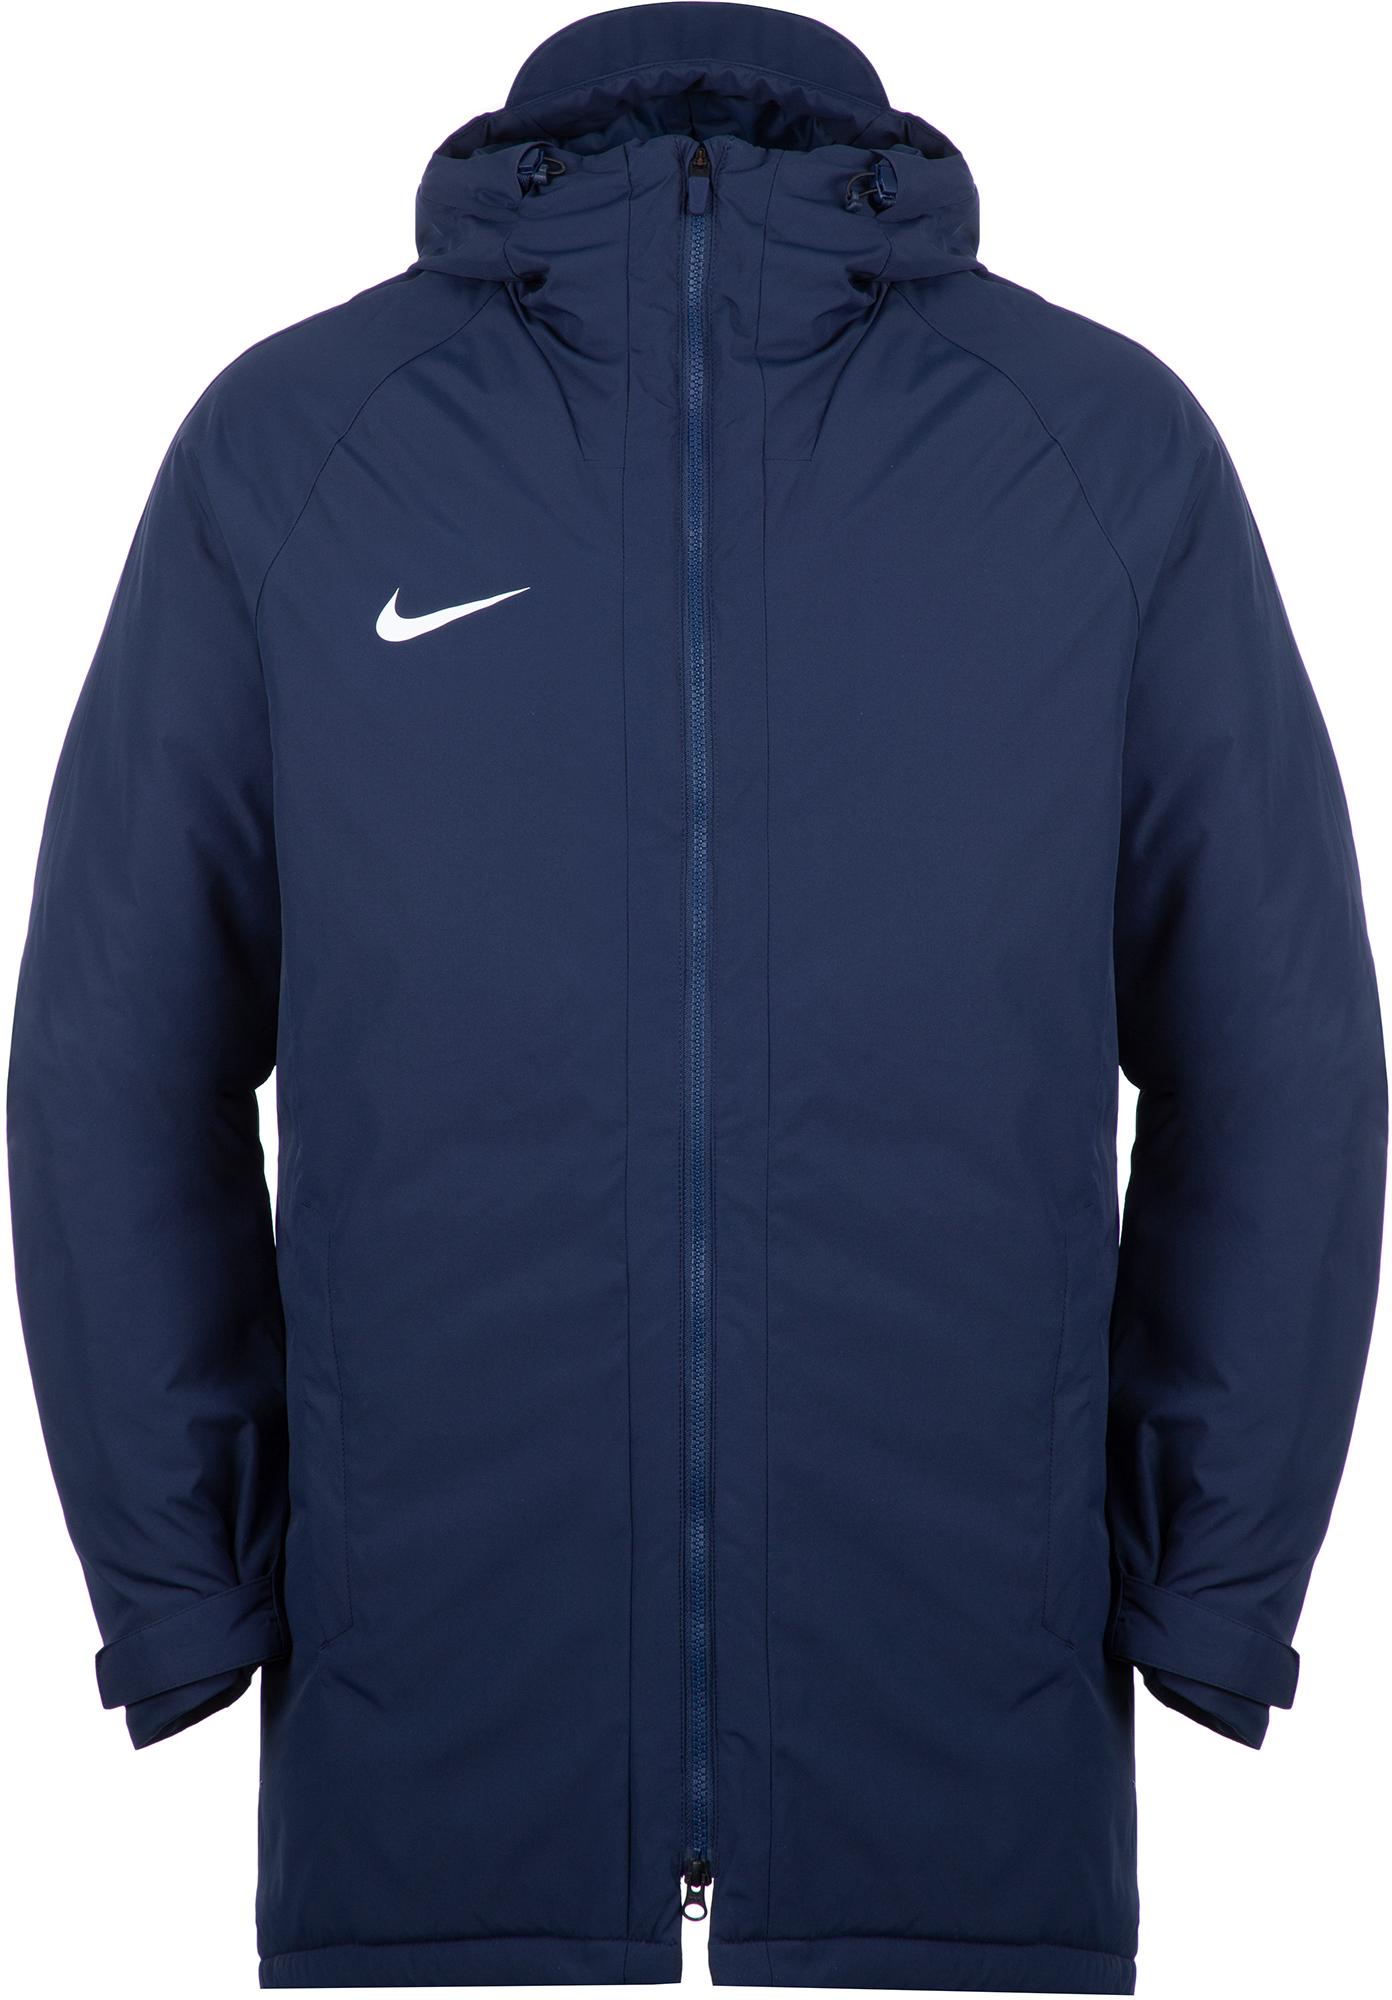 Nike Куртка утепленная мужская Nike Dry Academy18, размер 52-54 все цены